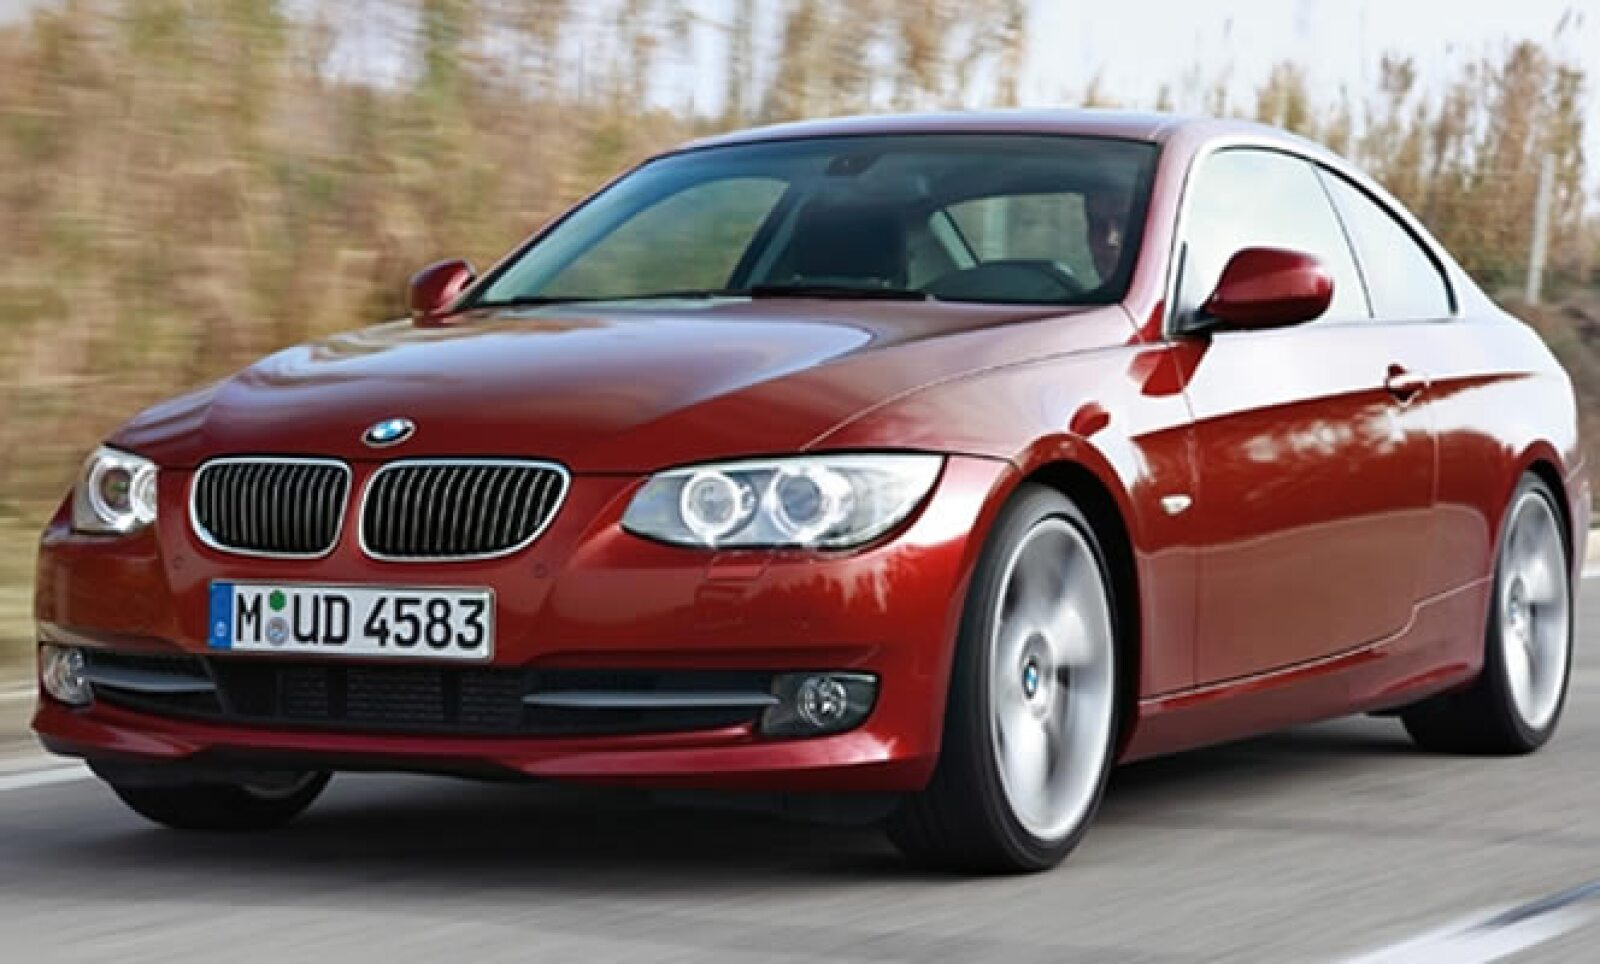 Los nuevos modelos BMW Serie 3 presentan modificaciones específicas del diseño respecto a sus versiones anteriores.